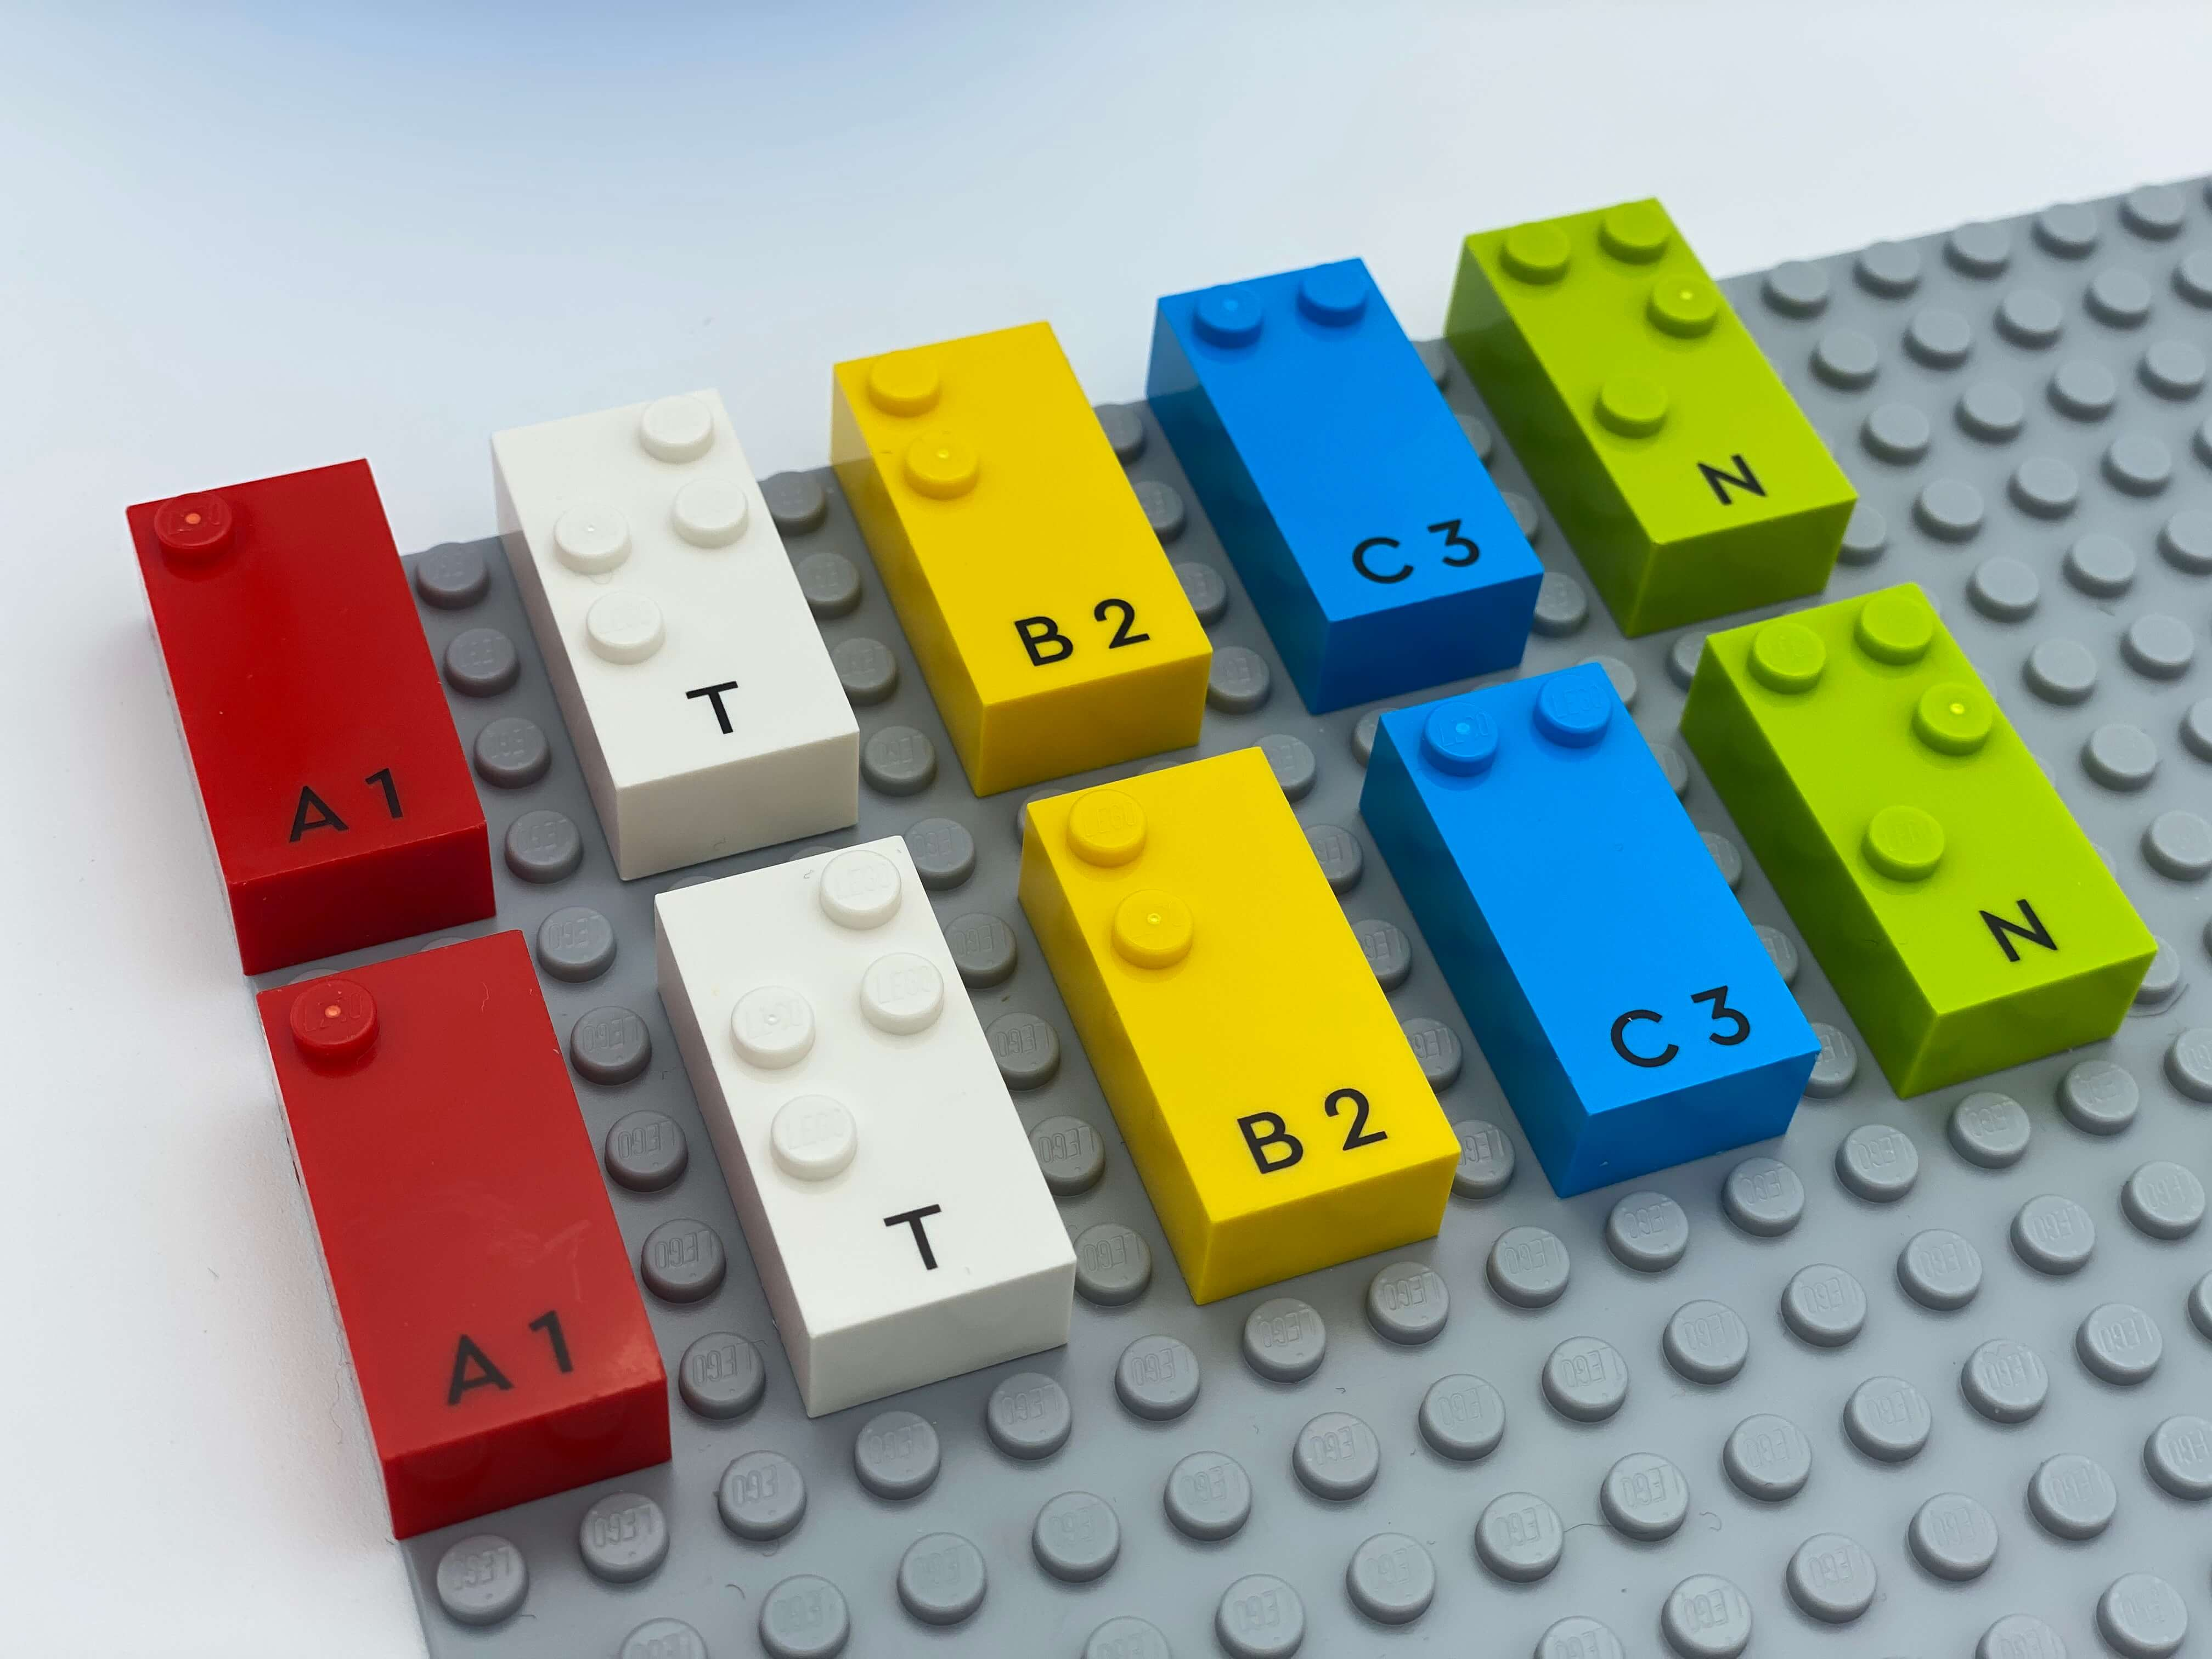 2 identical group of 5 letter bricks.